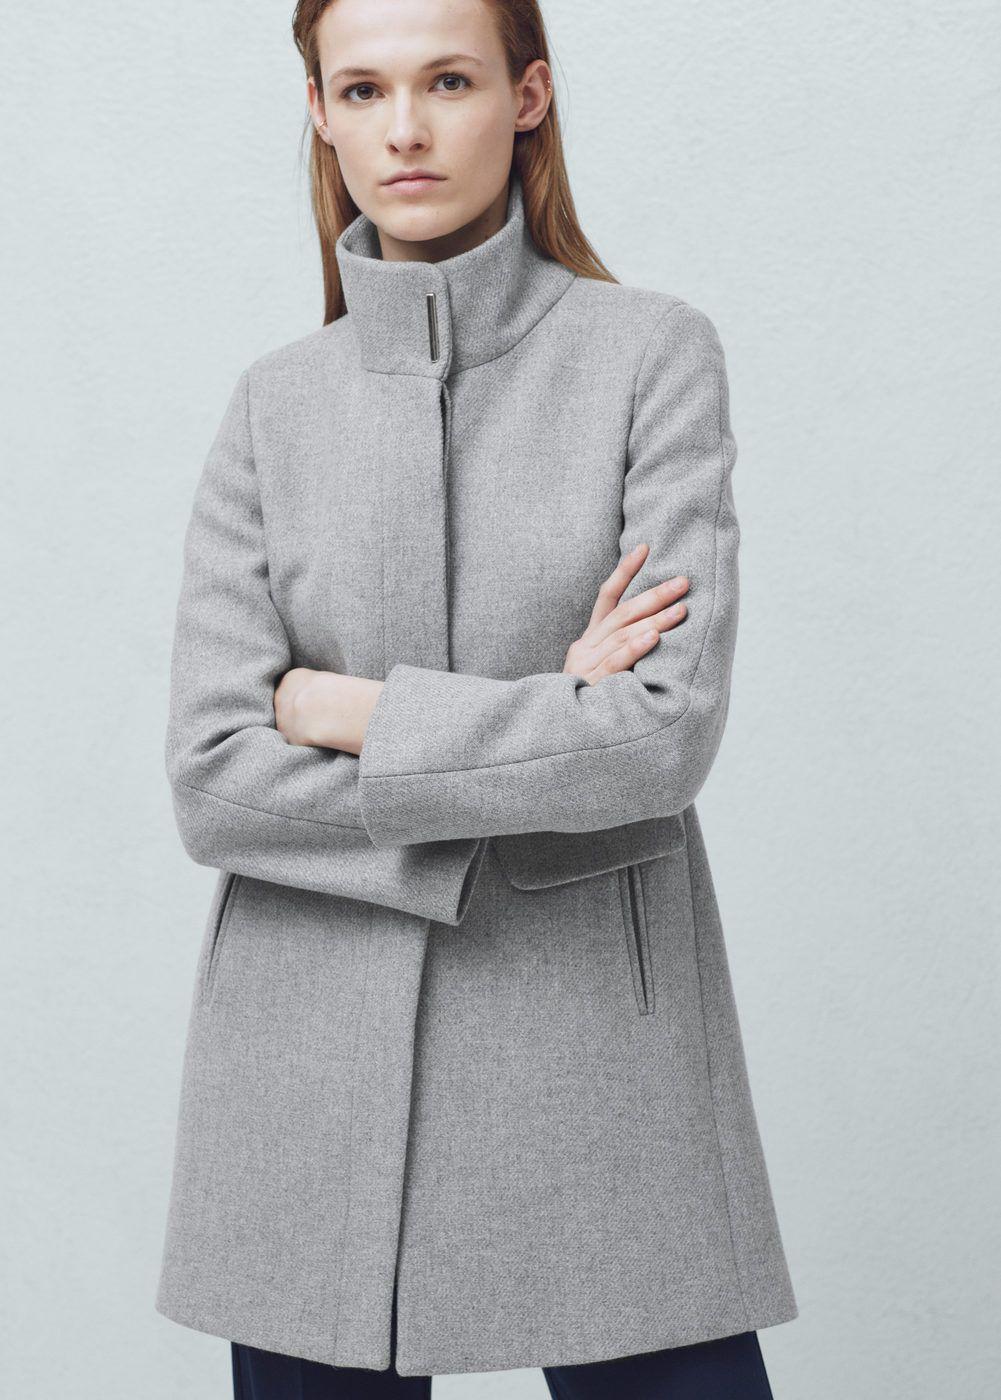 1 Abrigos Lana Dress Coat Mujer Dama Abrigo Y Outfits Da qw7AxXF1O b3dc108681ad